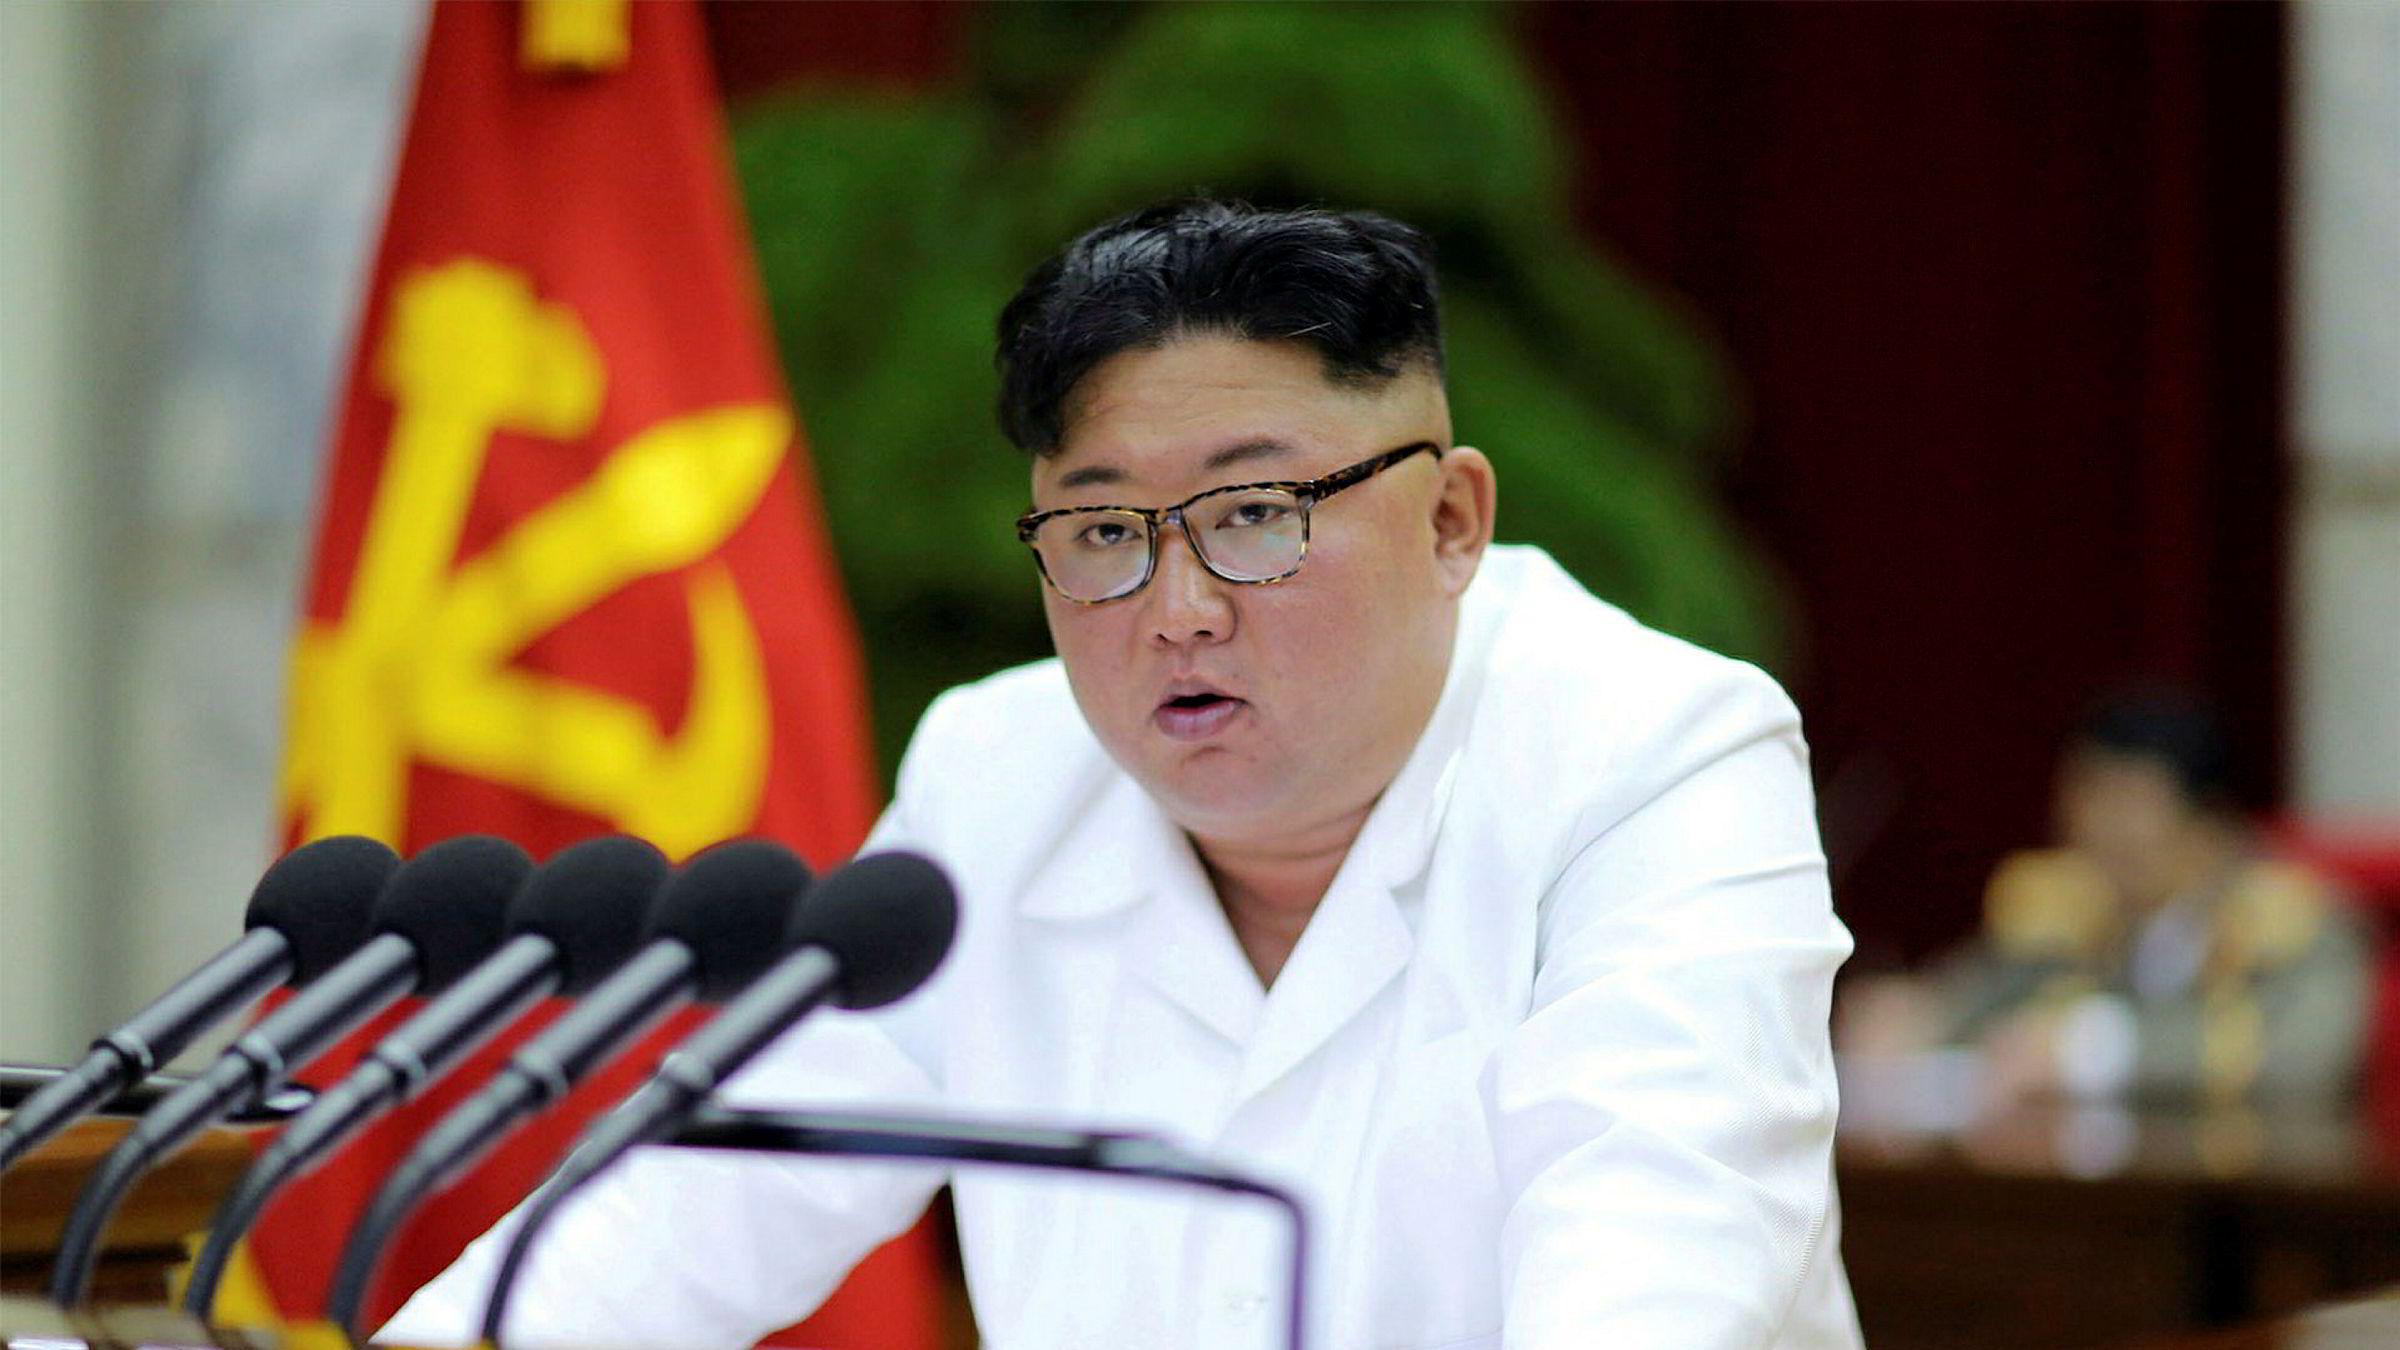 Kim Jong-un under møtet i Nord-Koreas arbeiderparti søndag. Nord-Korea strever med økonomien, og landets leder advarte om nødvendige endringer da han snakket til partiledelsen mandag.